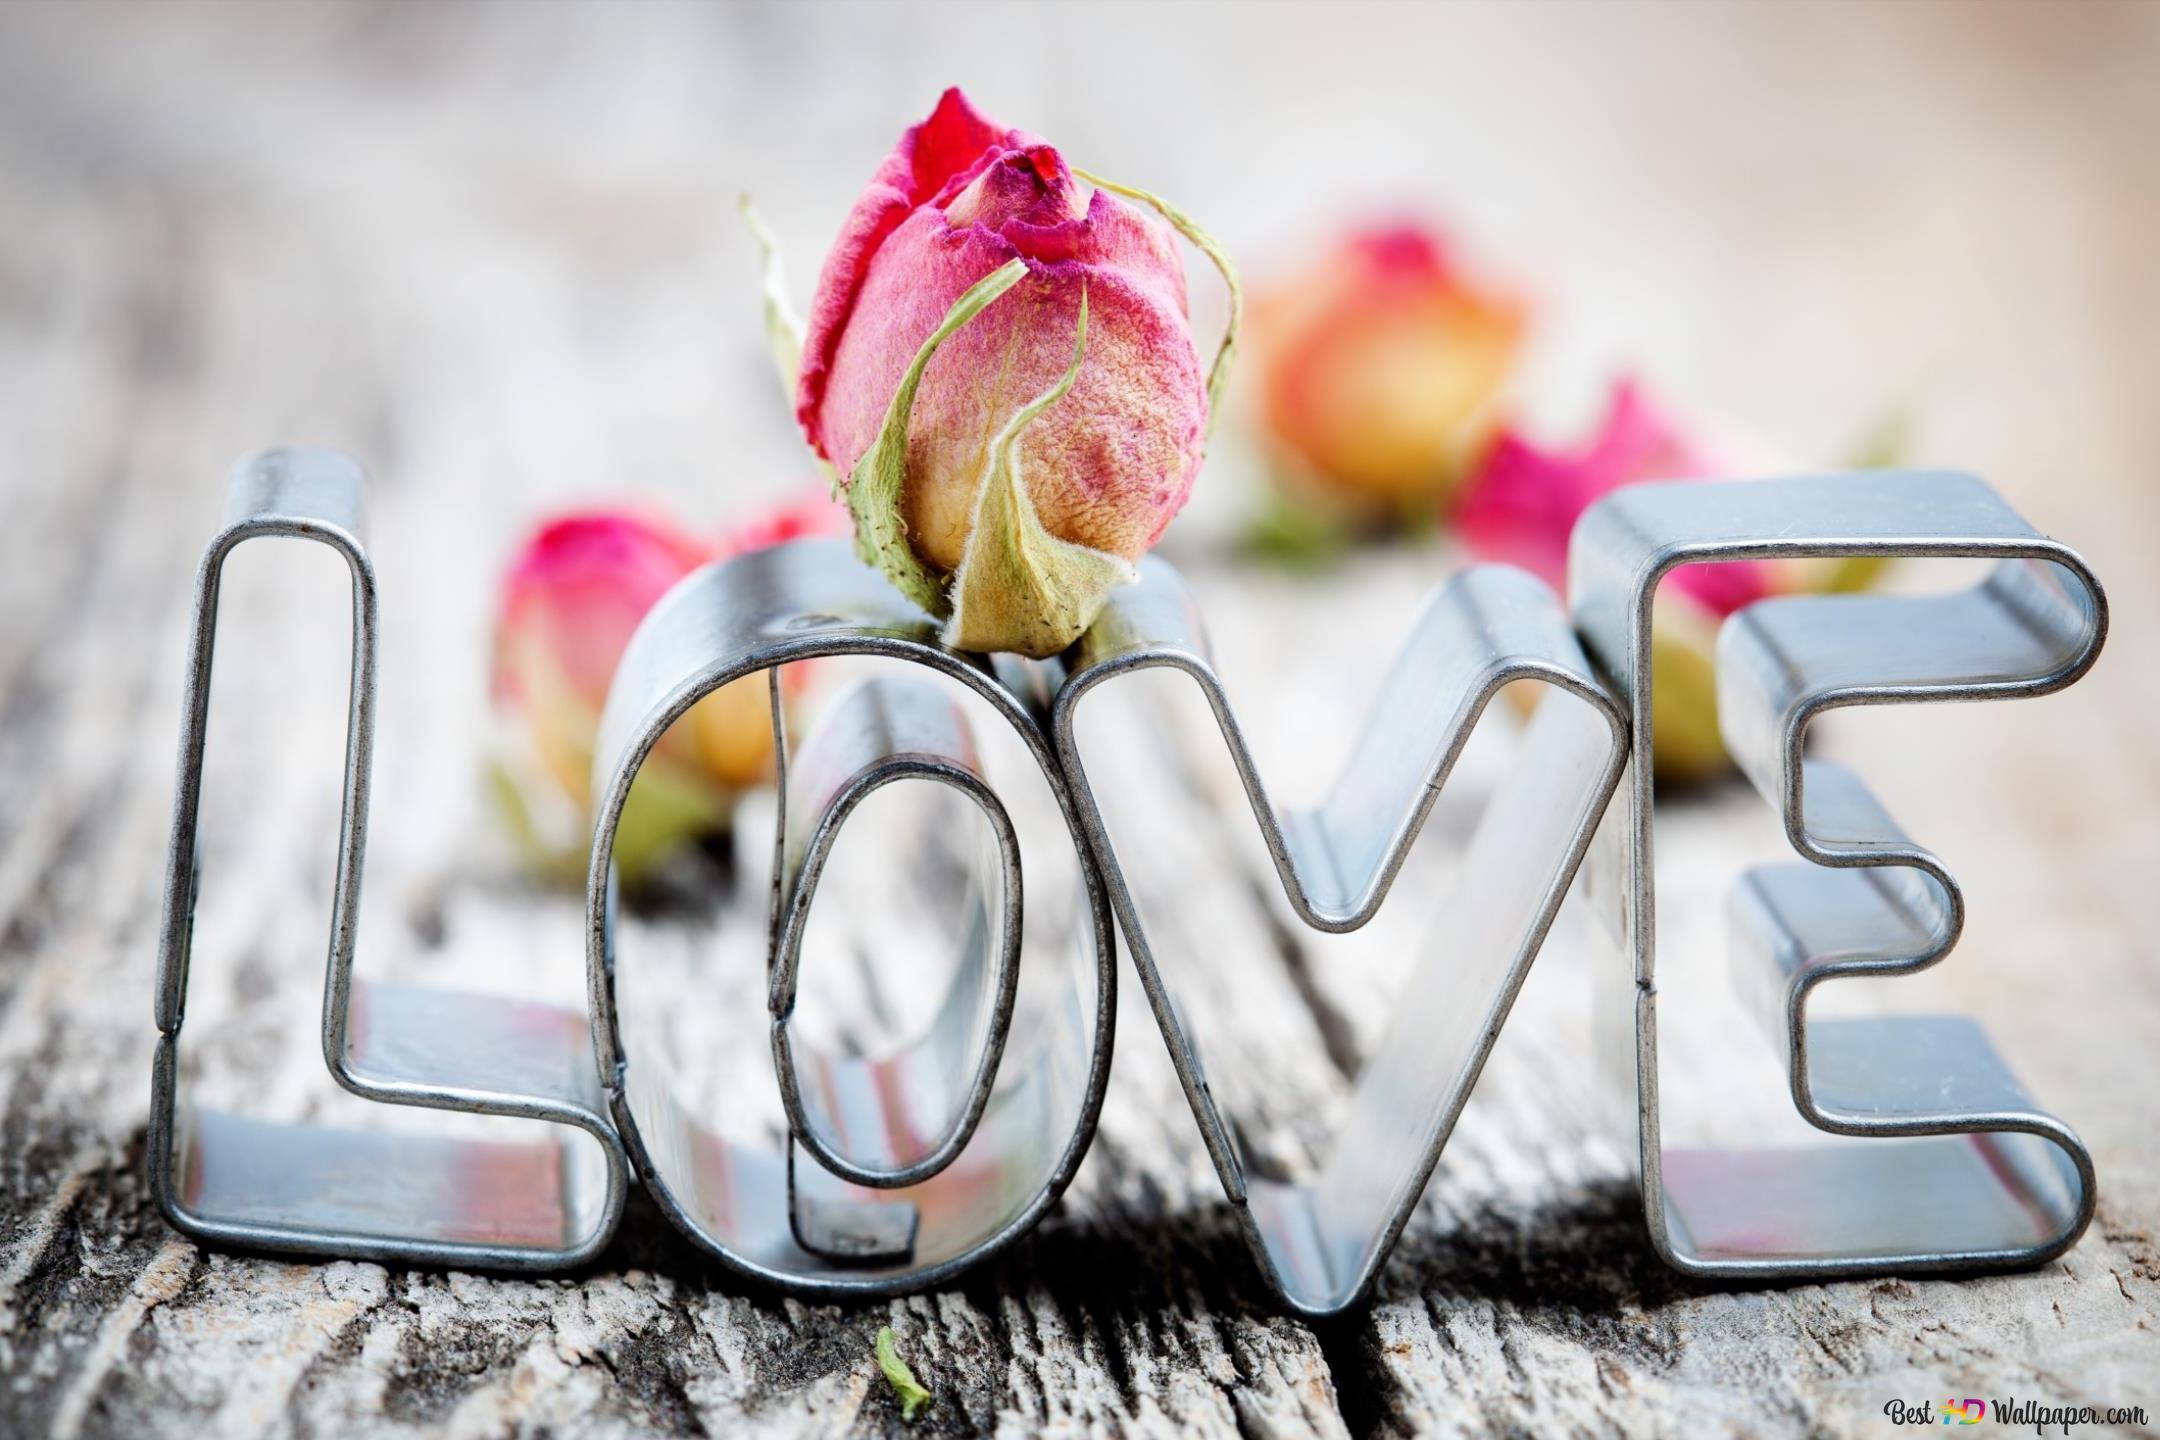 Картинки с красивыми надписями о любви на айфон, последним днем